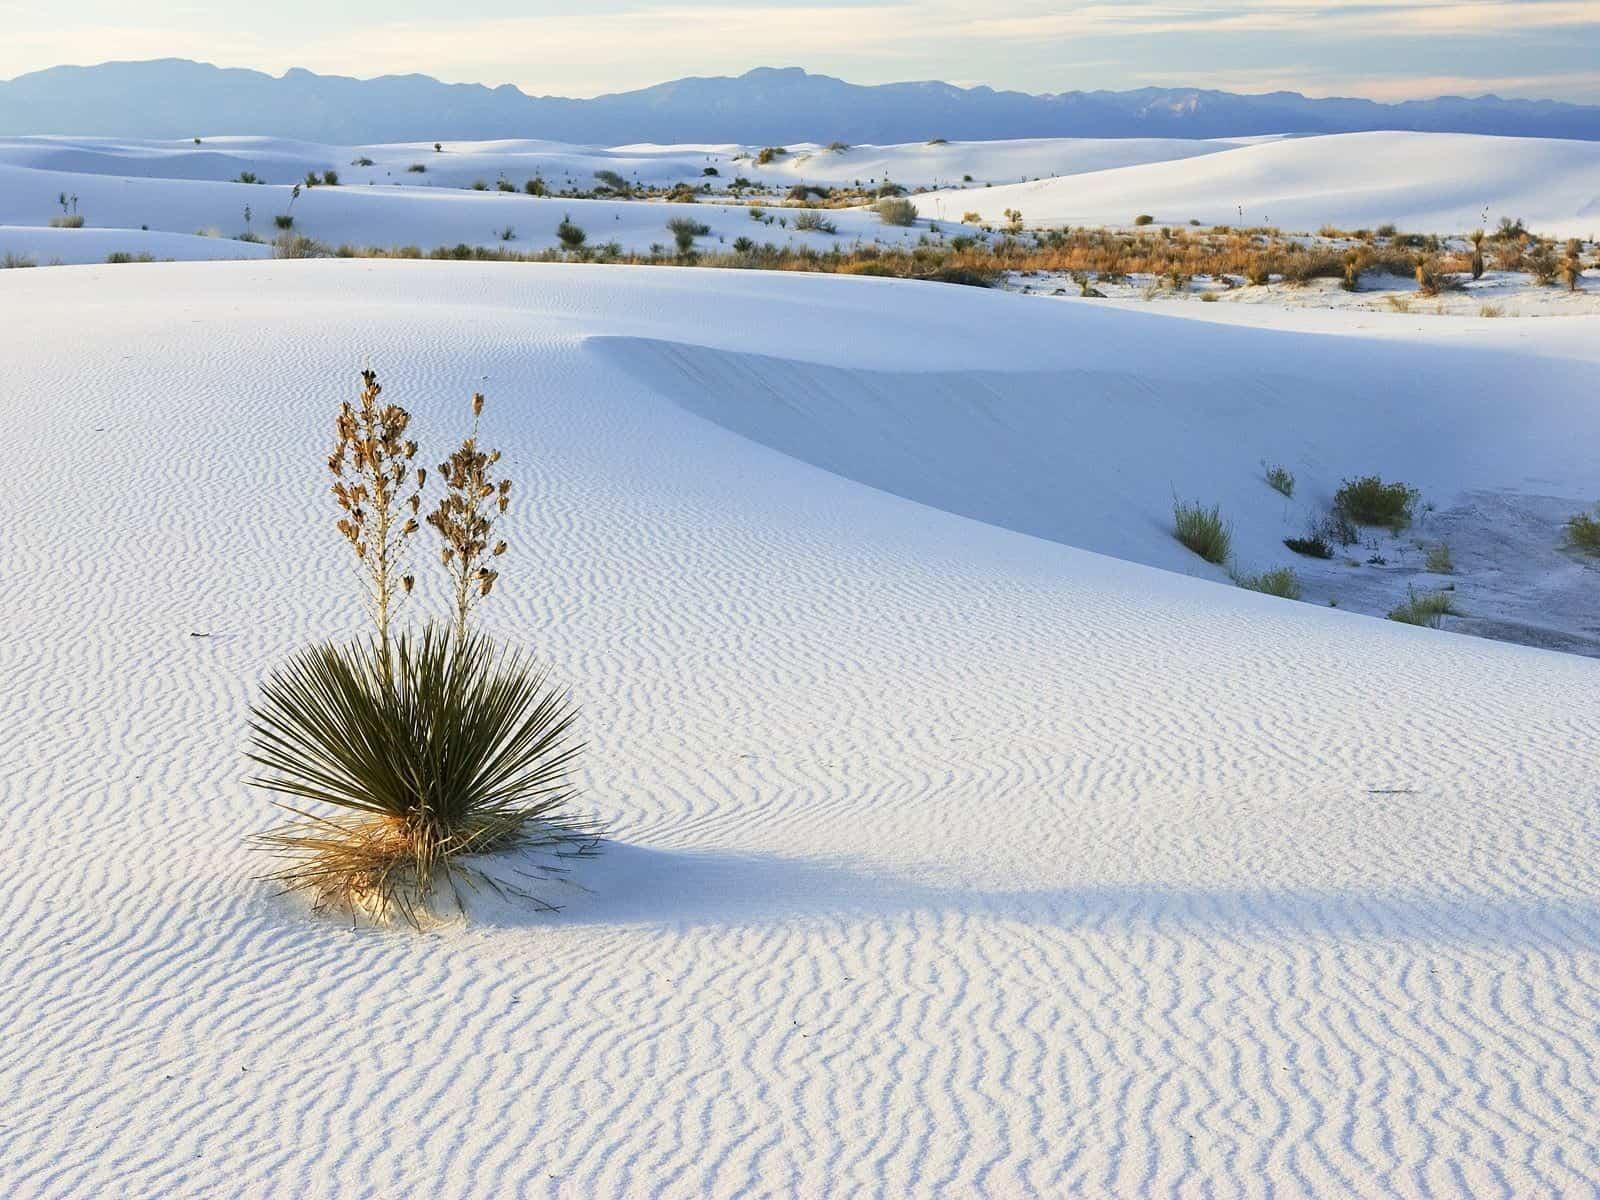 Đồi cát trắng - Bàu trắng với màu trắng tinh khiết lạ mắt